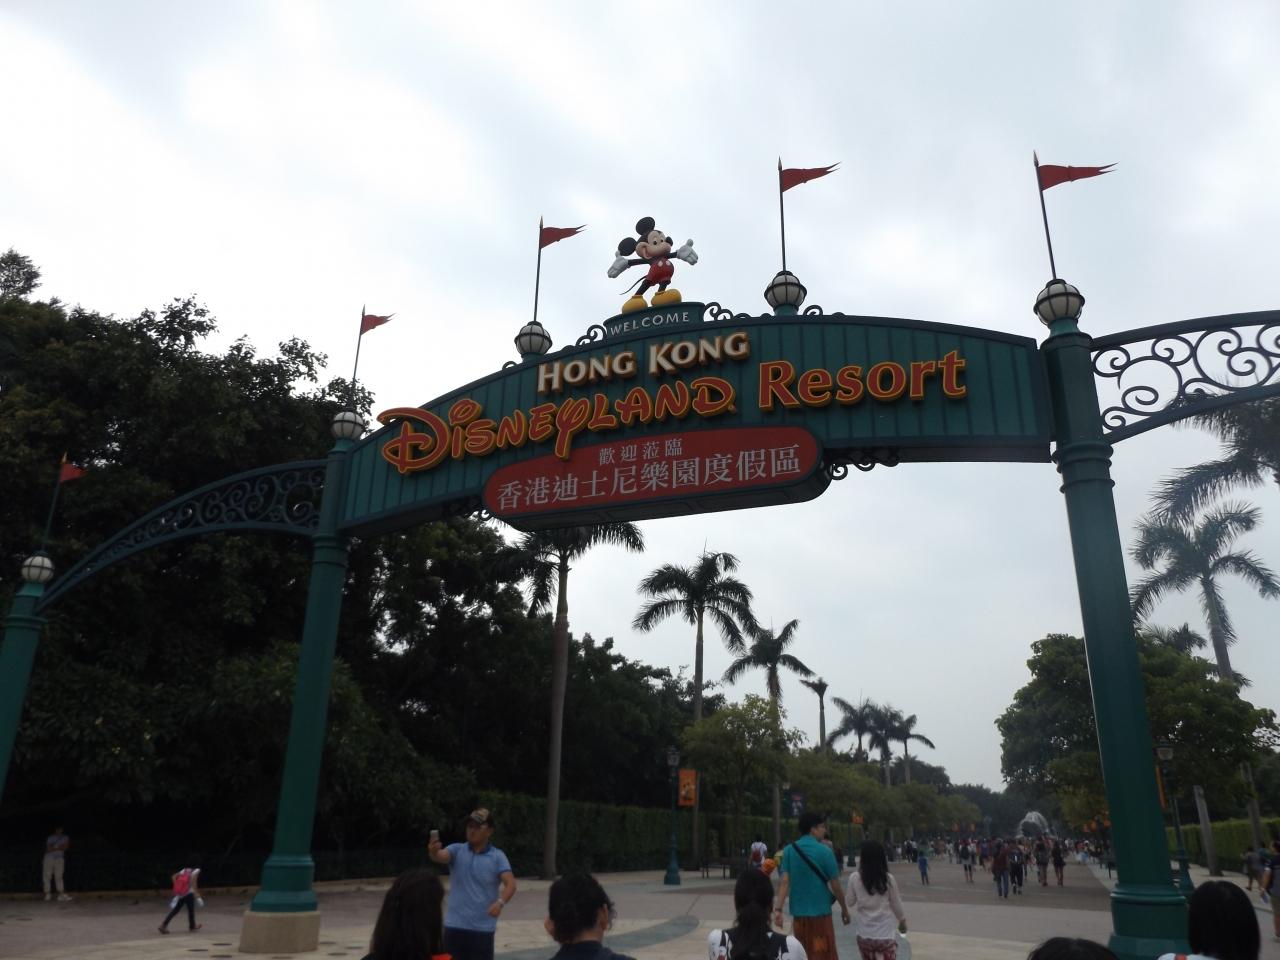 香港家族旅行3日目~香港ディズニーランド・ハロウィンへ』香港(香港